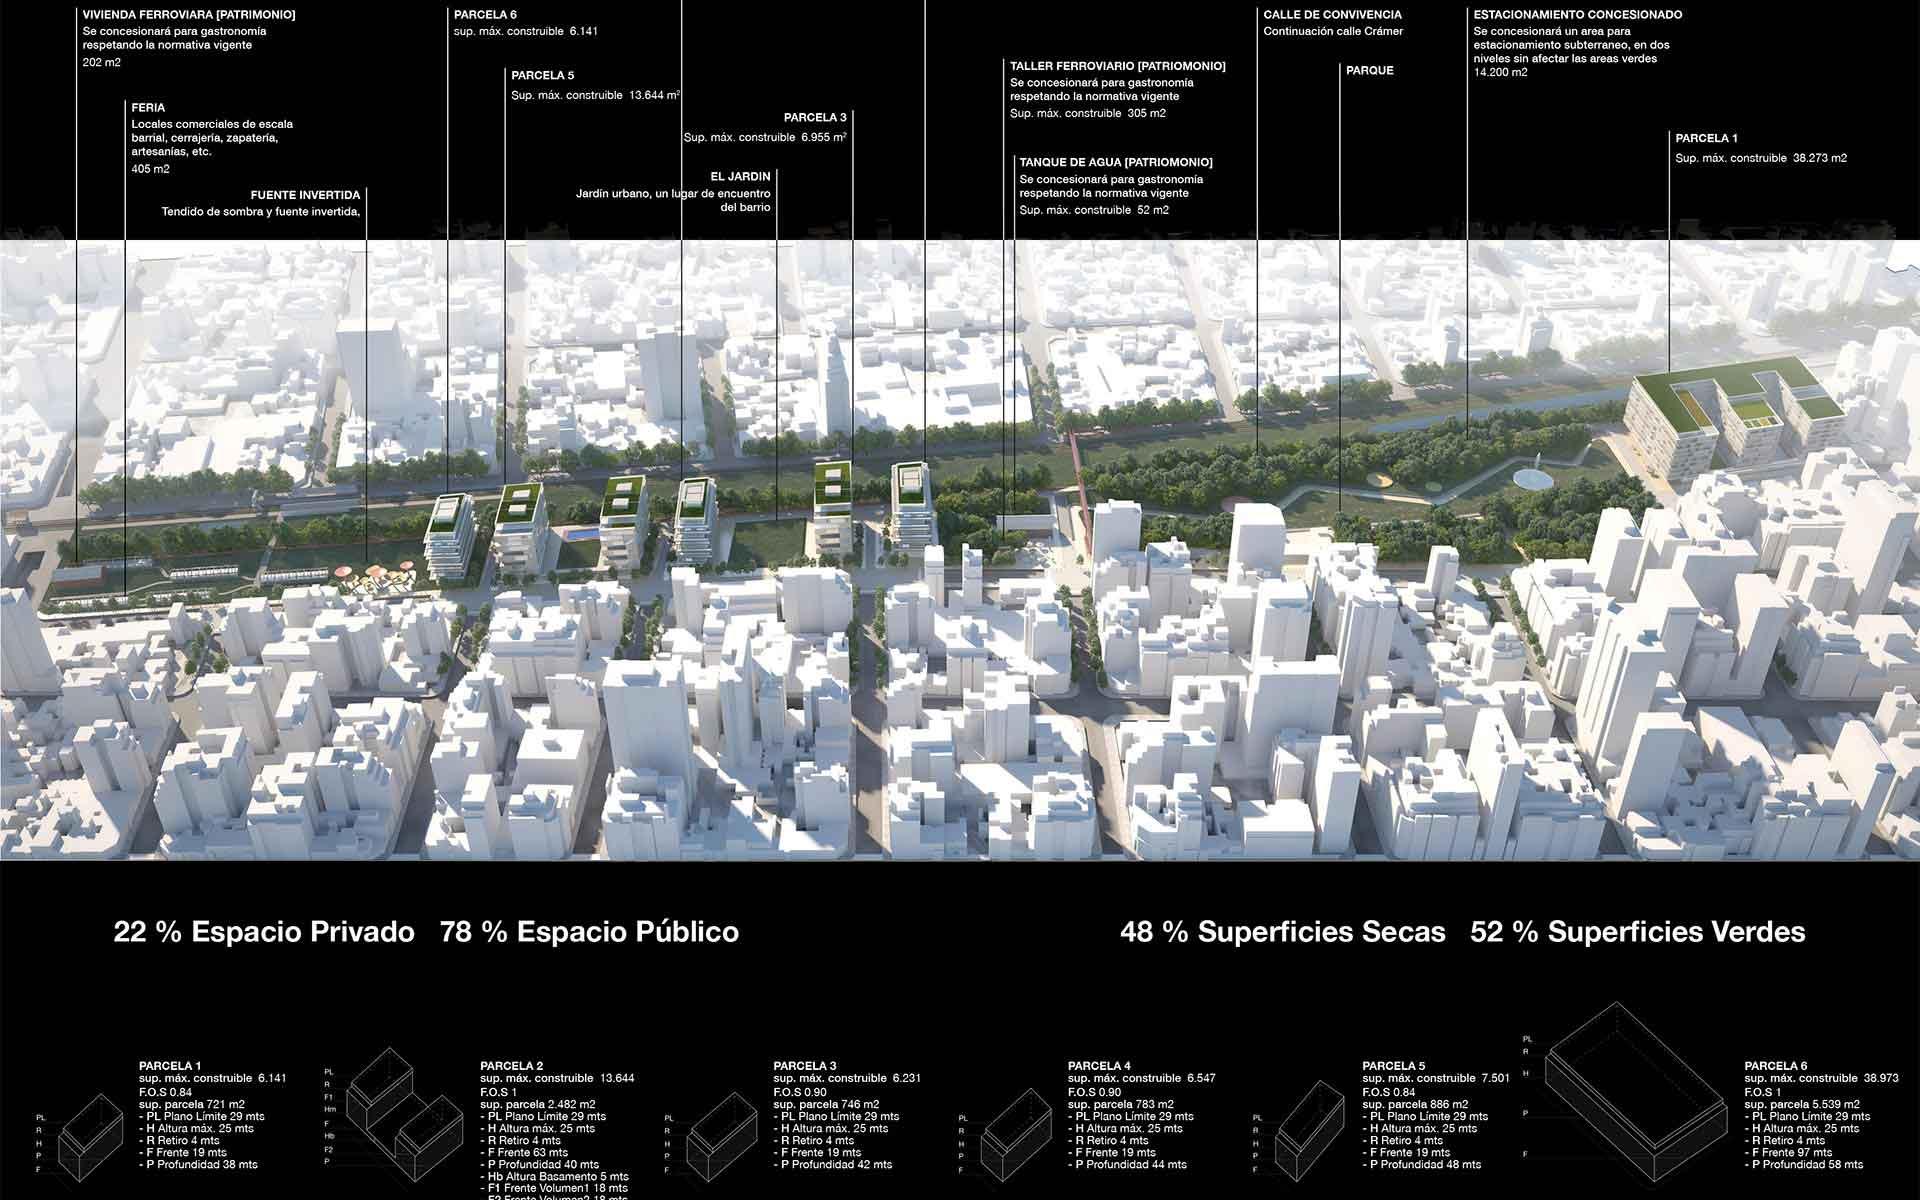 Arquitectura y Paisaje, aérea del masterplan y métricas del proyecto y la intervención en el area de colegiales con la inserción urbana de edificios y parques